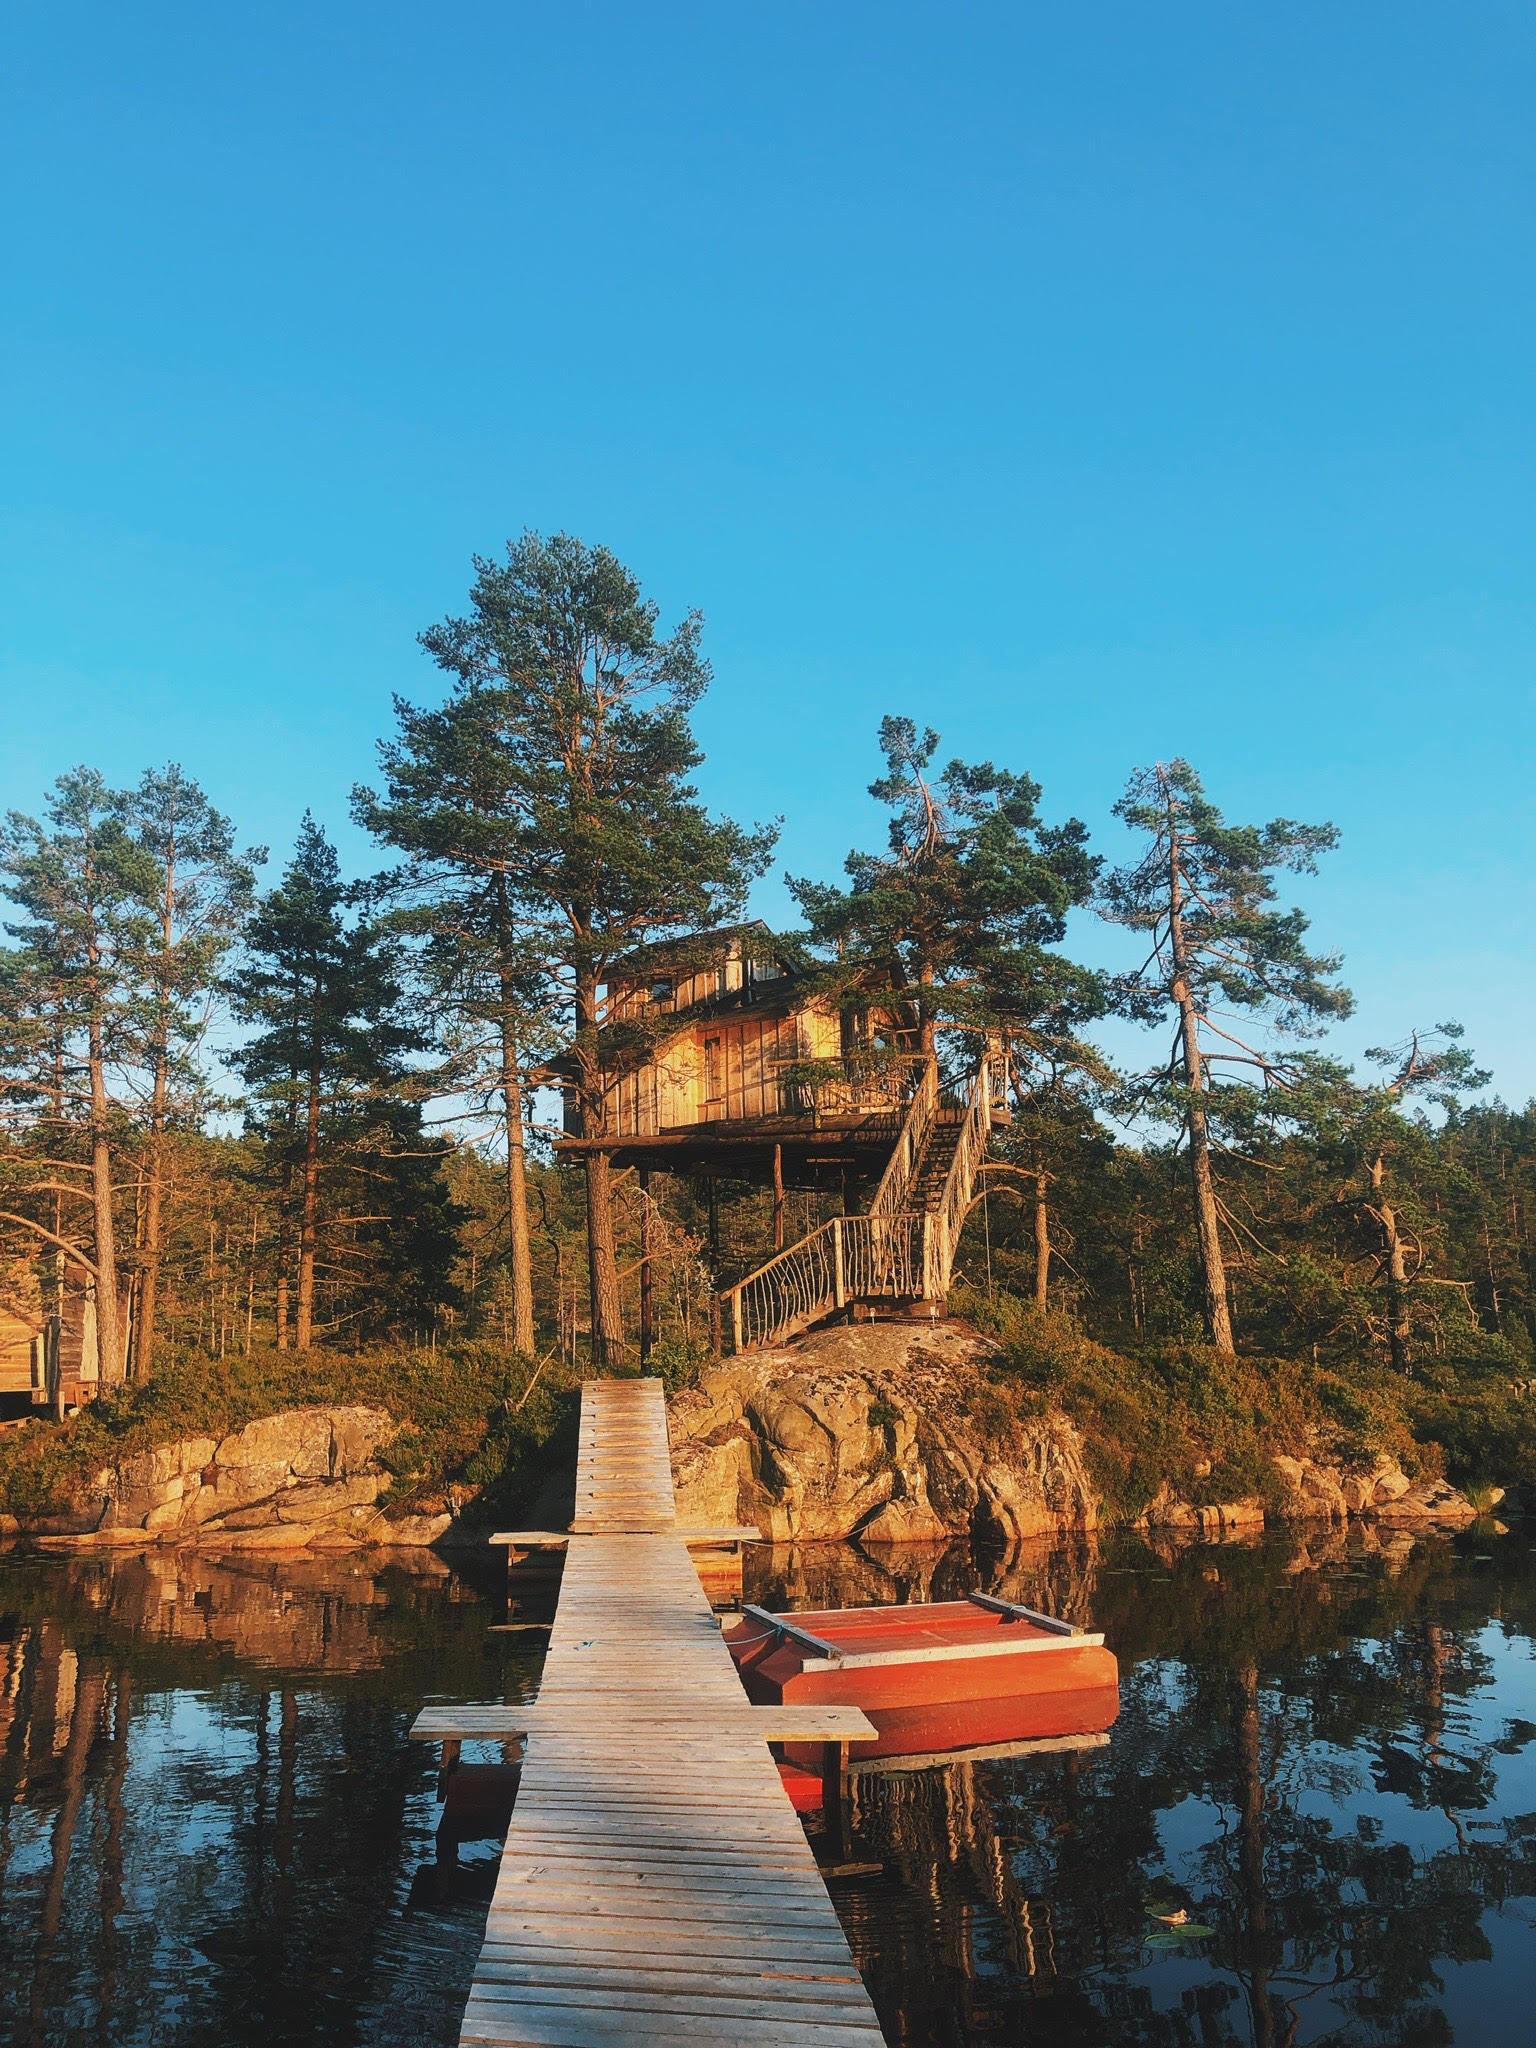 julegaver og oplevelser 2019. Bl.a. glamping og ture til tree top fiddan - luksus træhytte i Norge